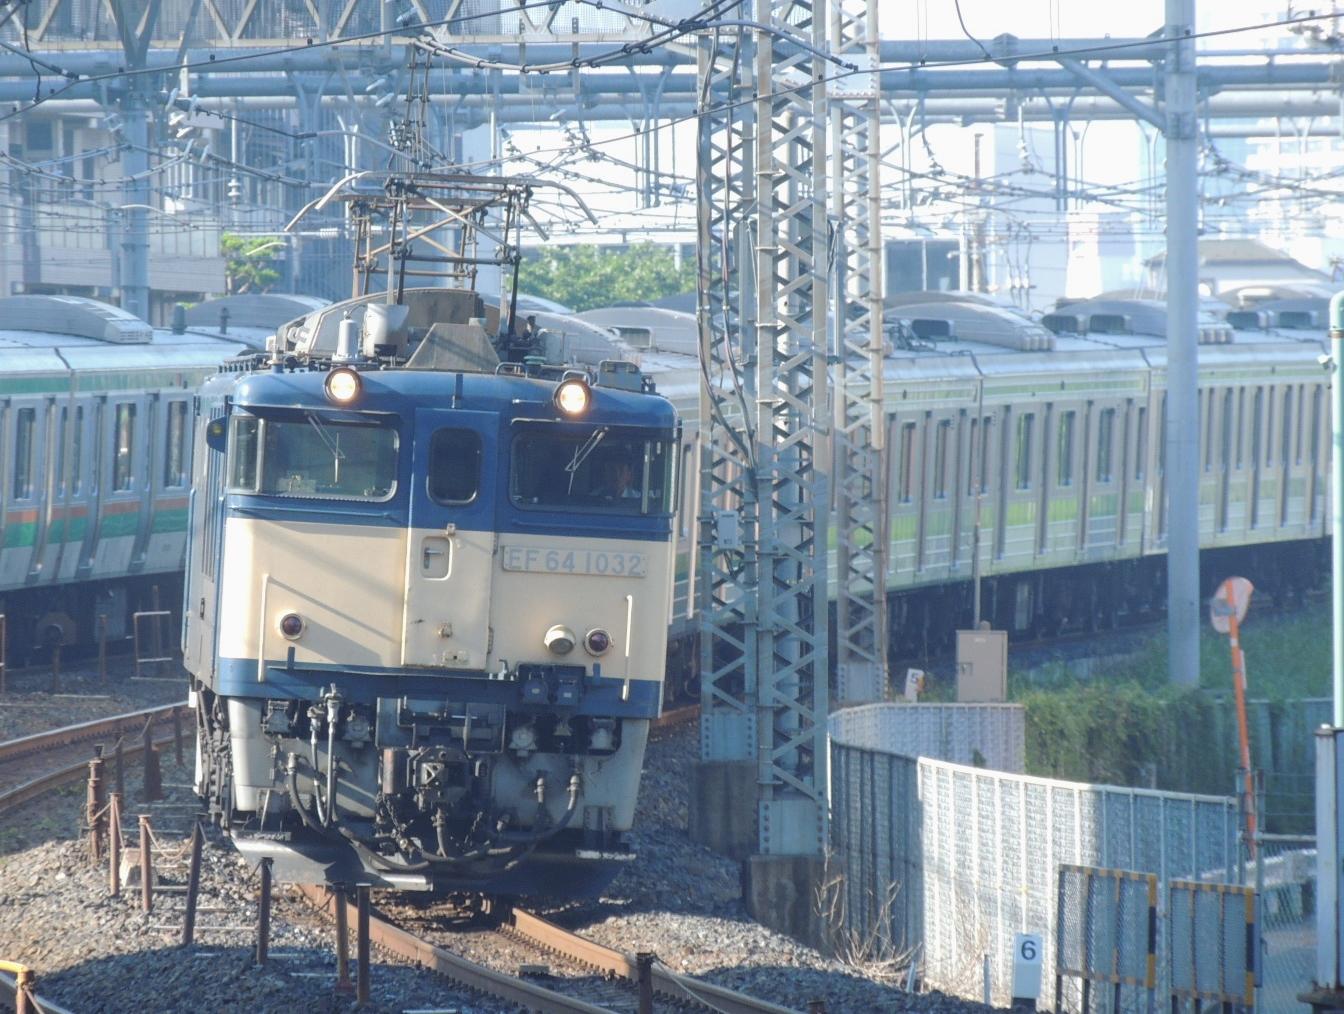 DSCN8417.jpg